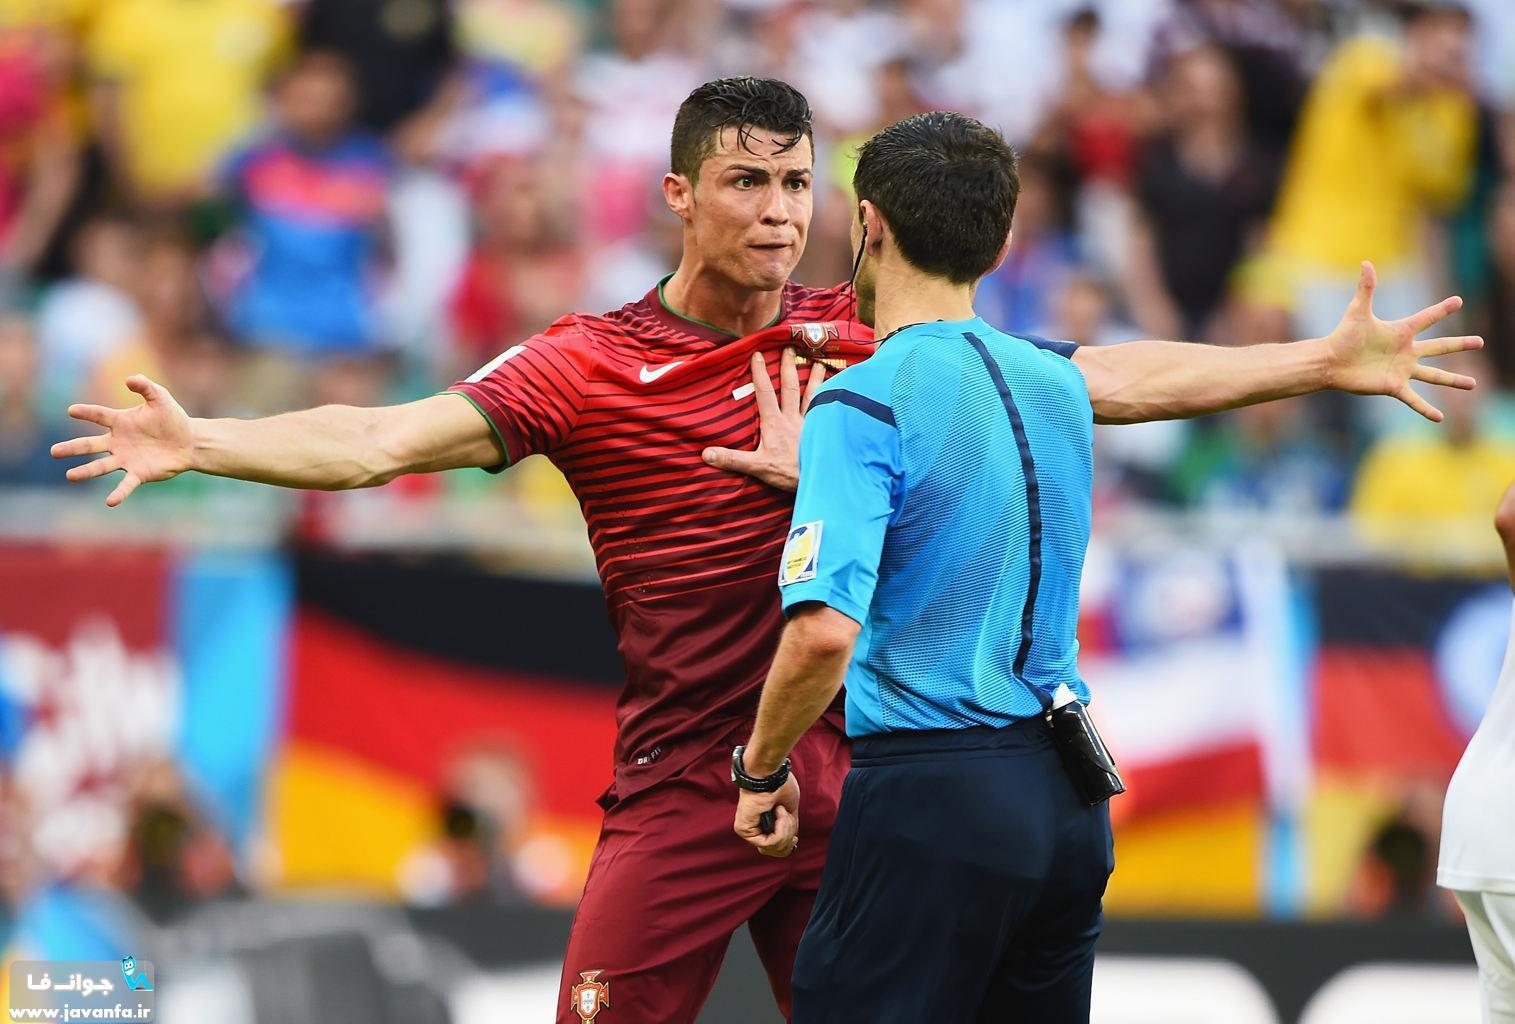 عکس های غمناک و ناراحت کننده از جام جهانی 2014